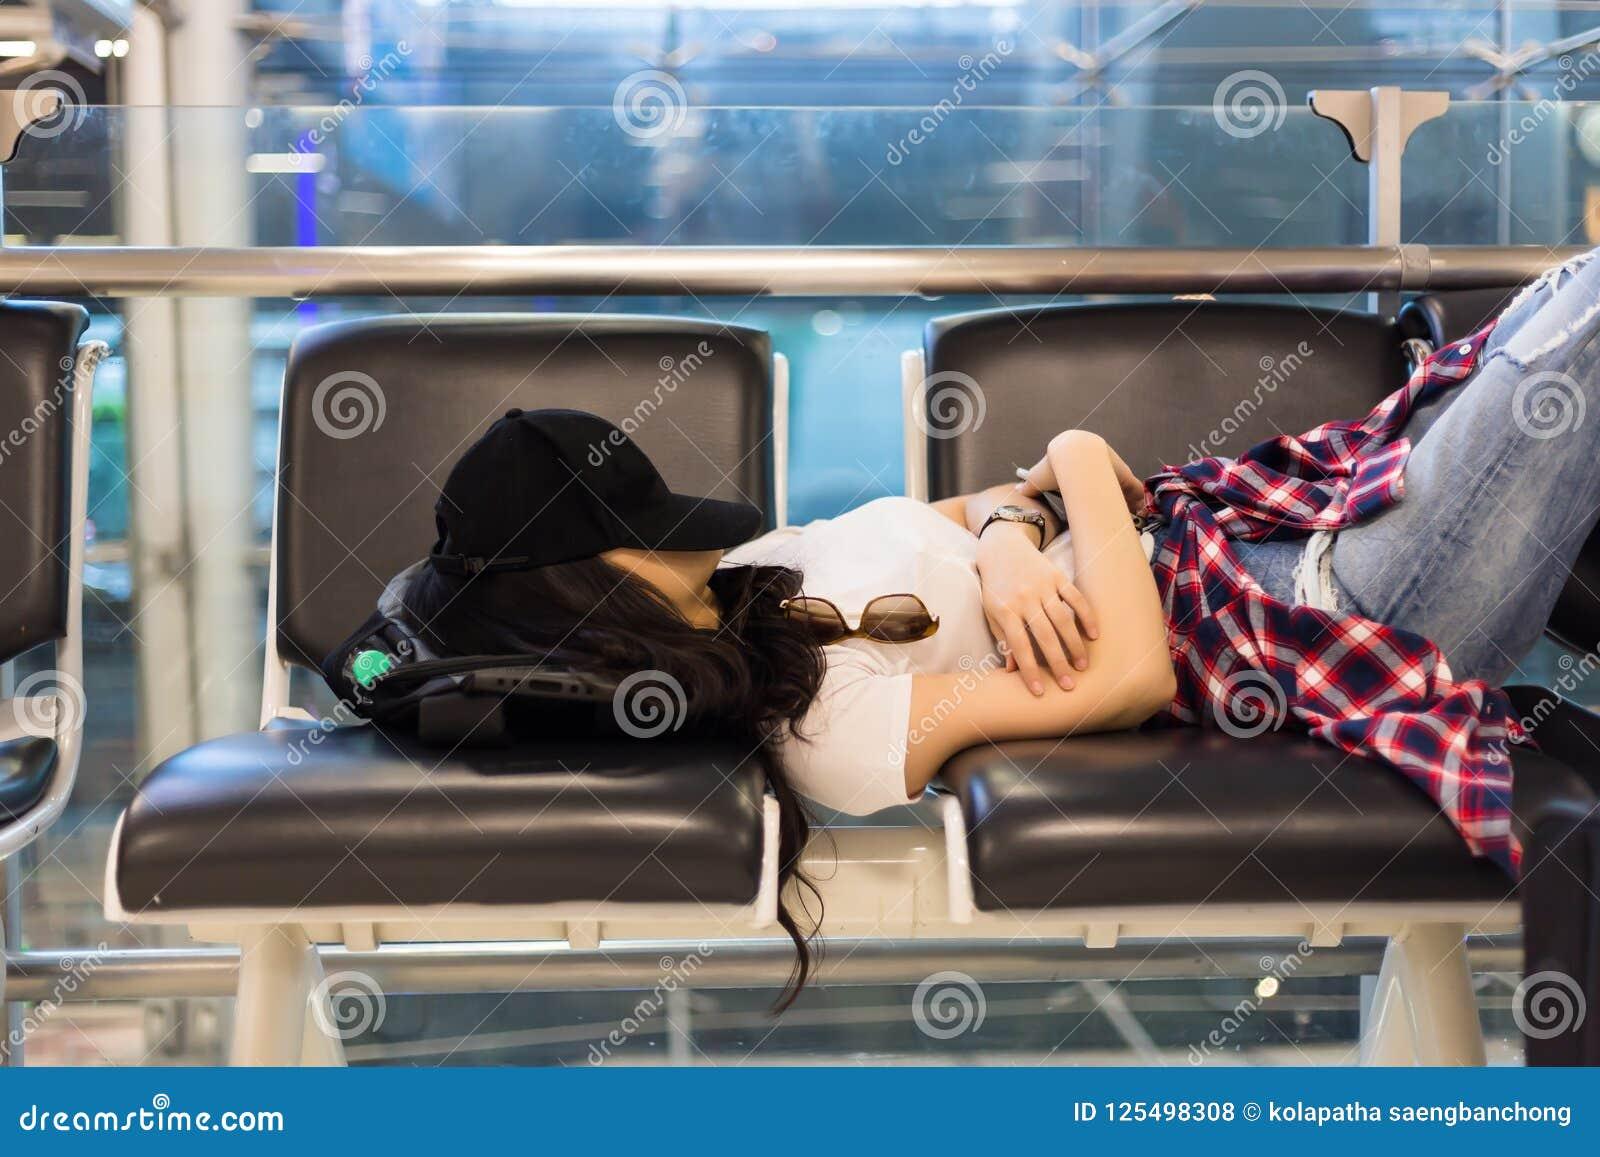 Привлекательное чувство женщины попробованное и пробуренное, полет получает поздно, задержка